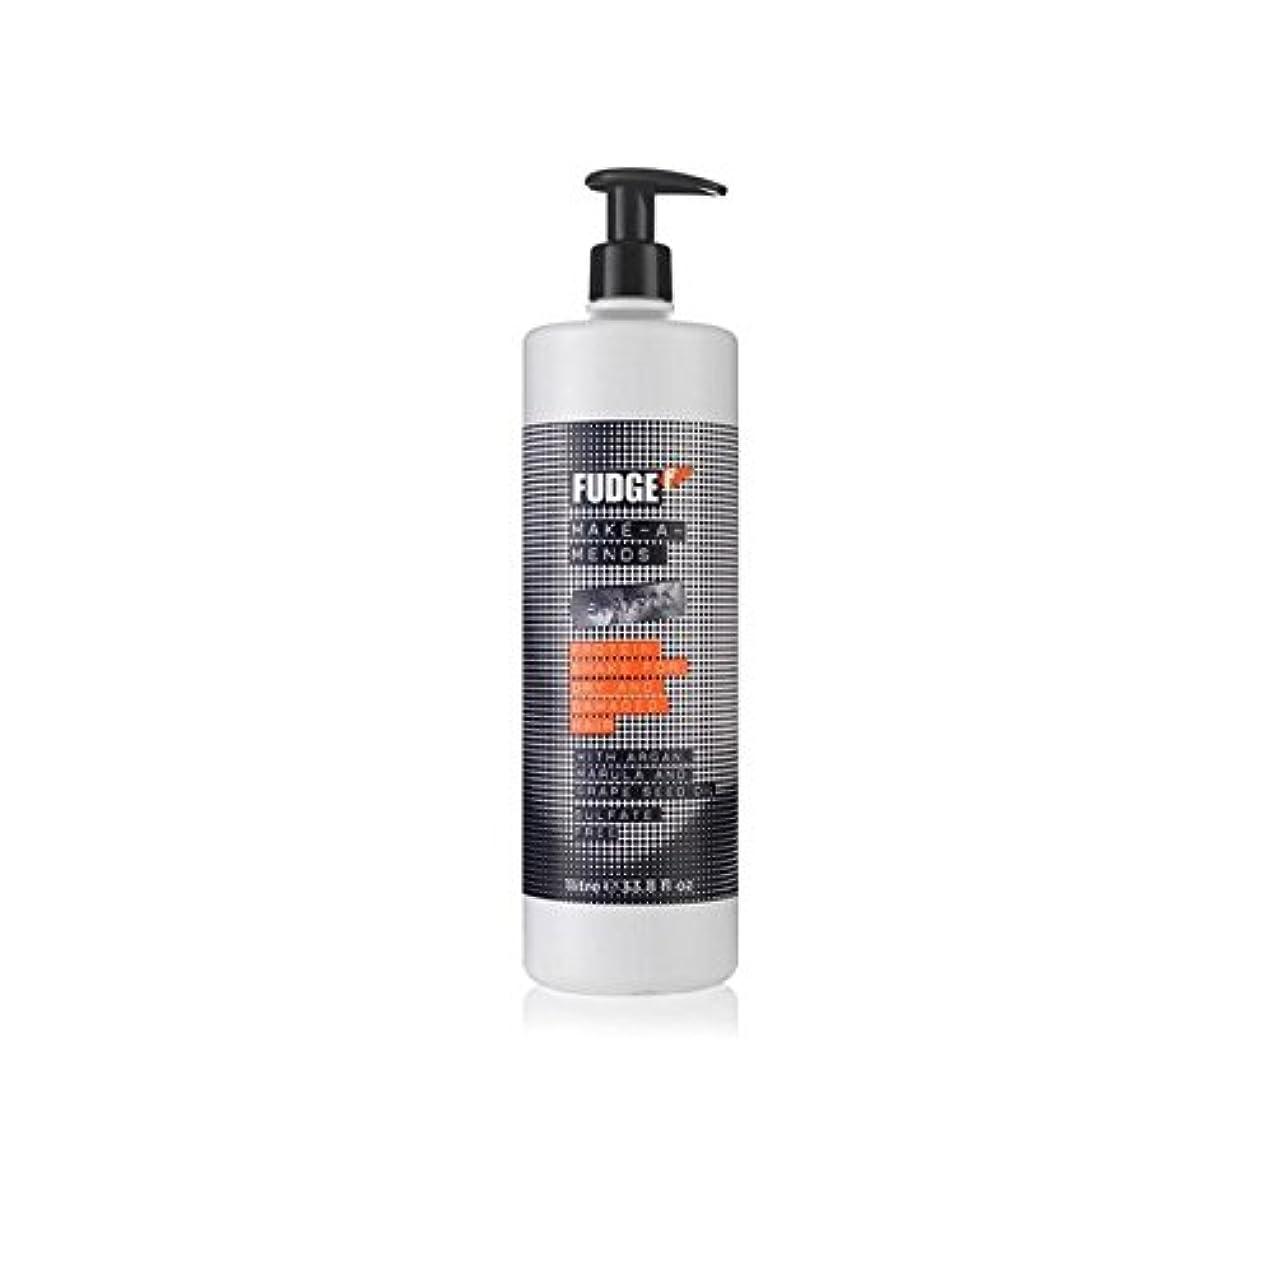 浸した気味の悪い含めるファッジメイク-シャンプー(千ミリリットル) x4 - Fudge Make-A-Mends Shampoo (1000ml) (Pack of 4) [並行輸入品]